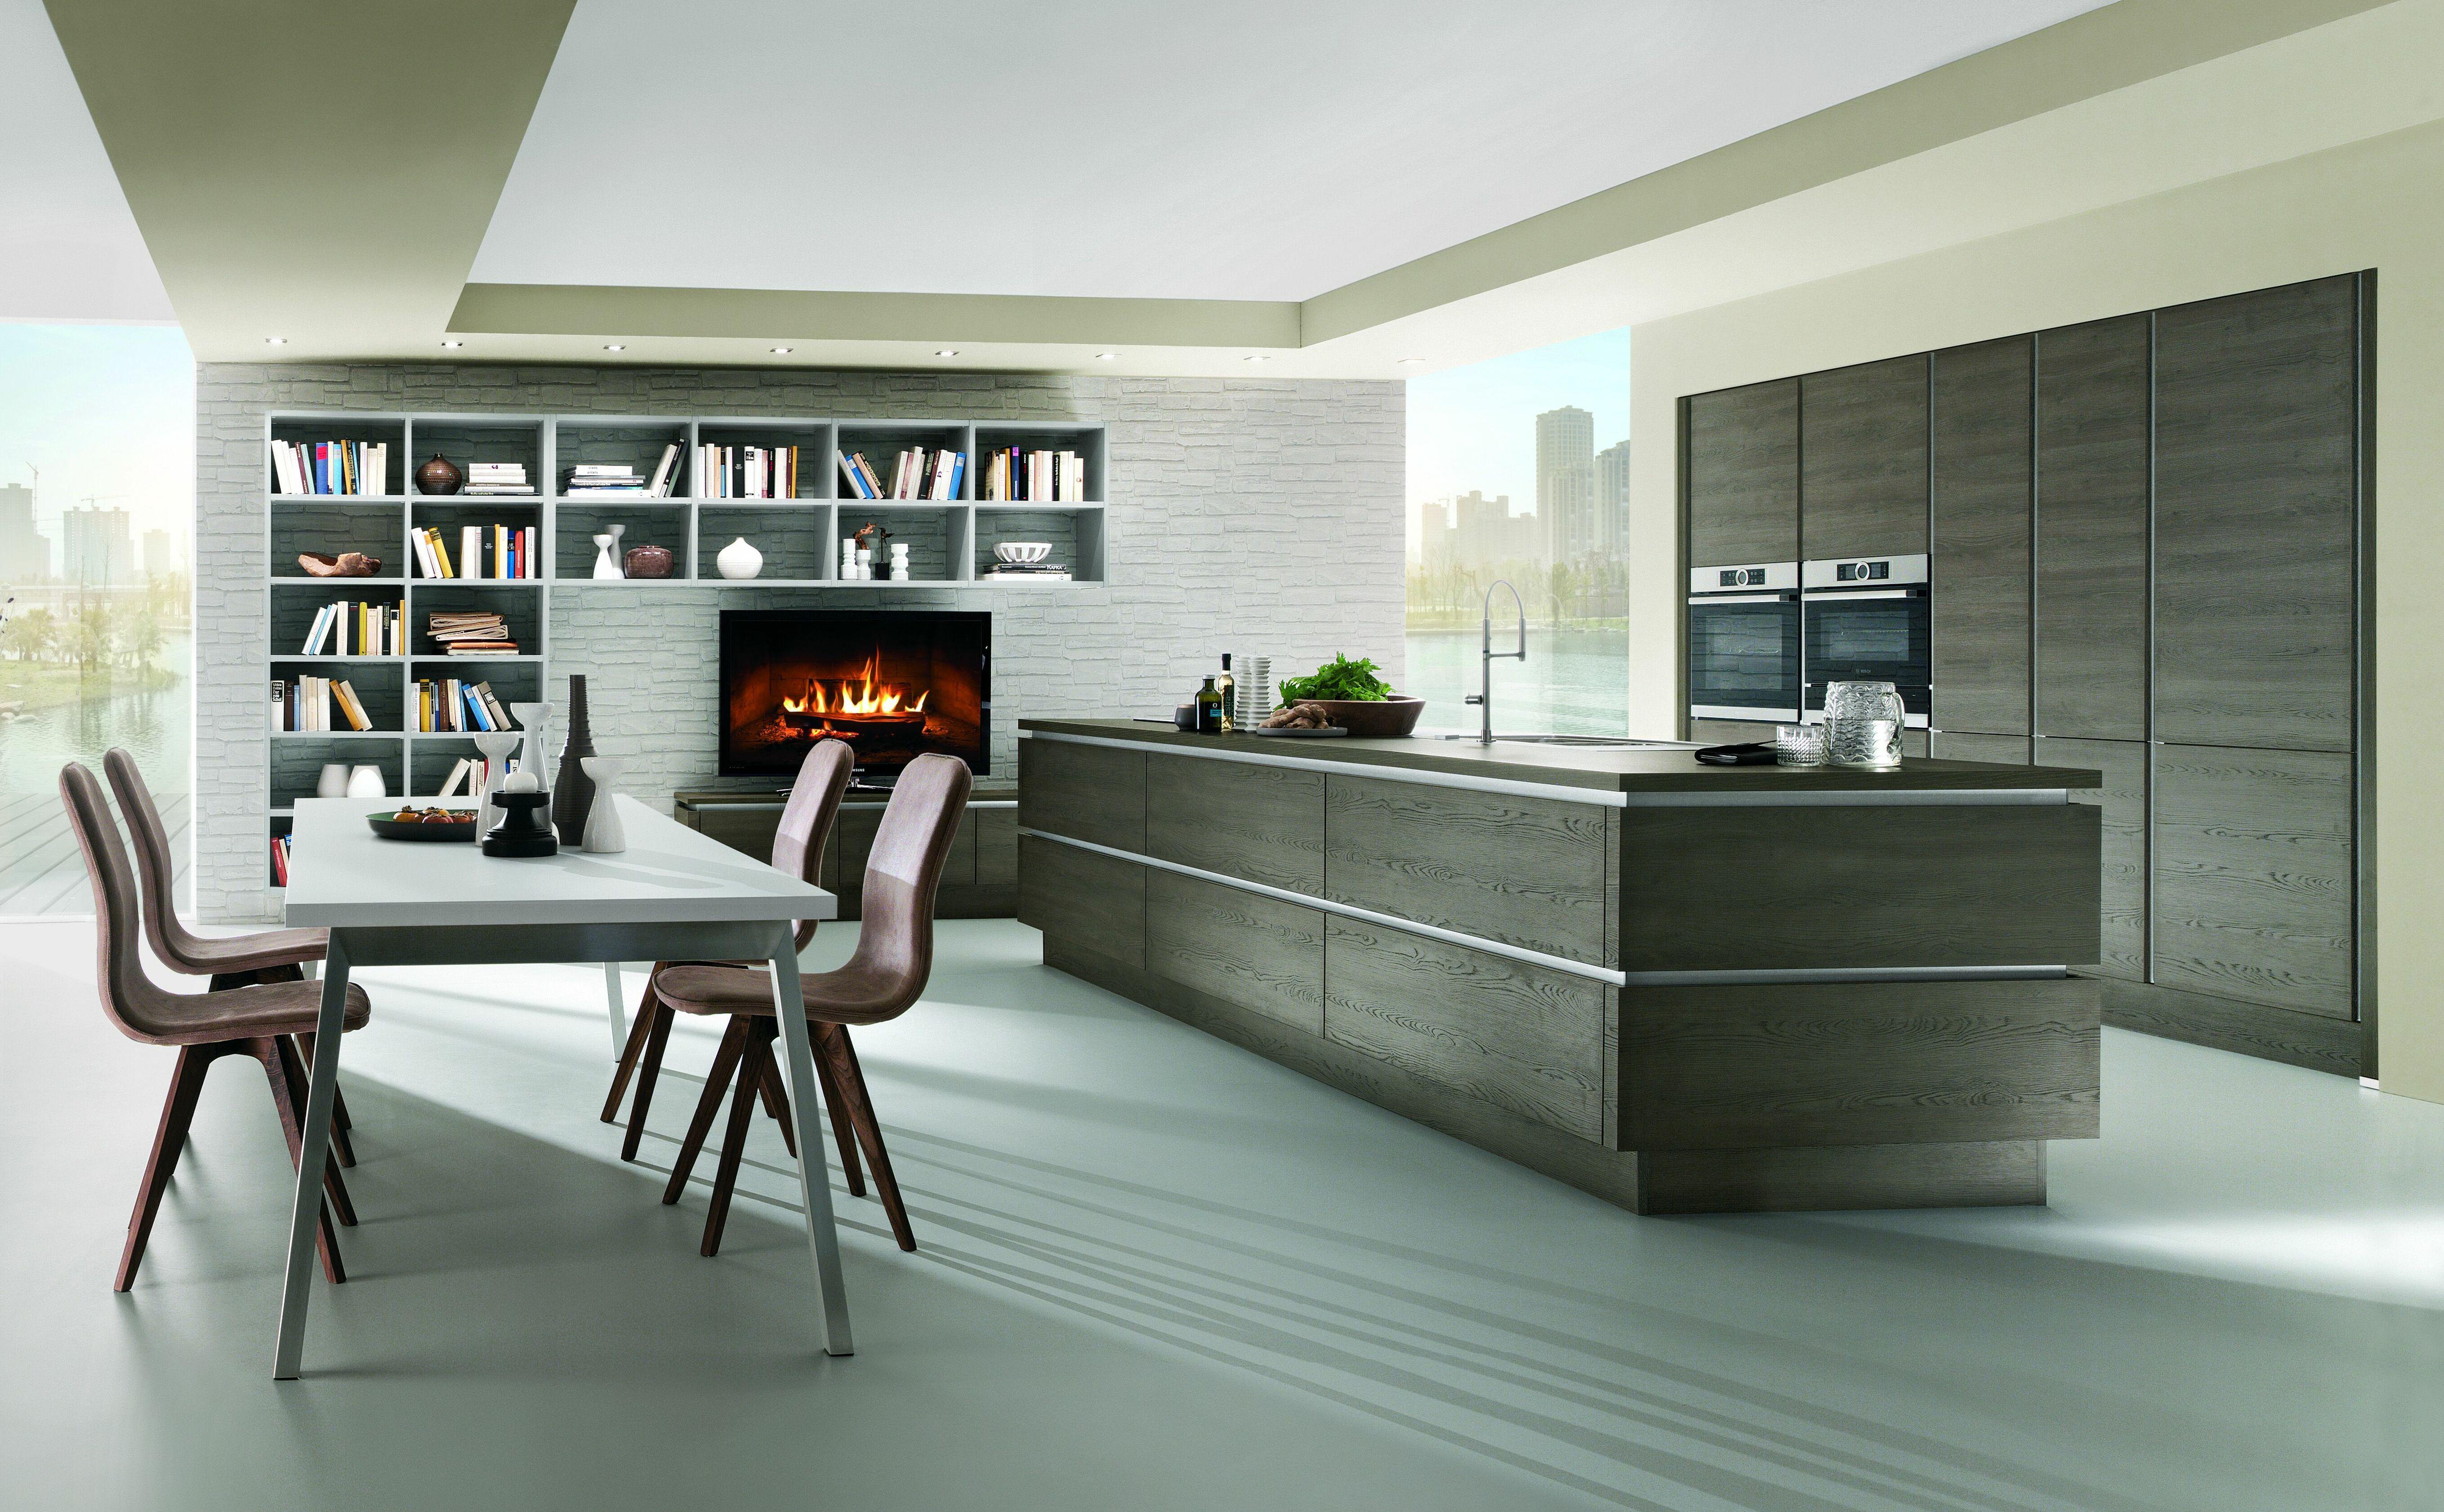 Ausgezeichnet Gestaltung Ihrer Küche Platz Galerie - Ideen Für Die ...